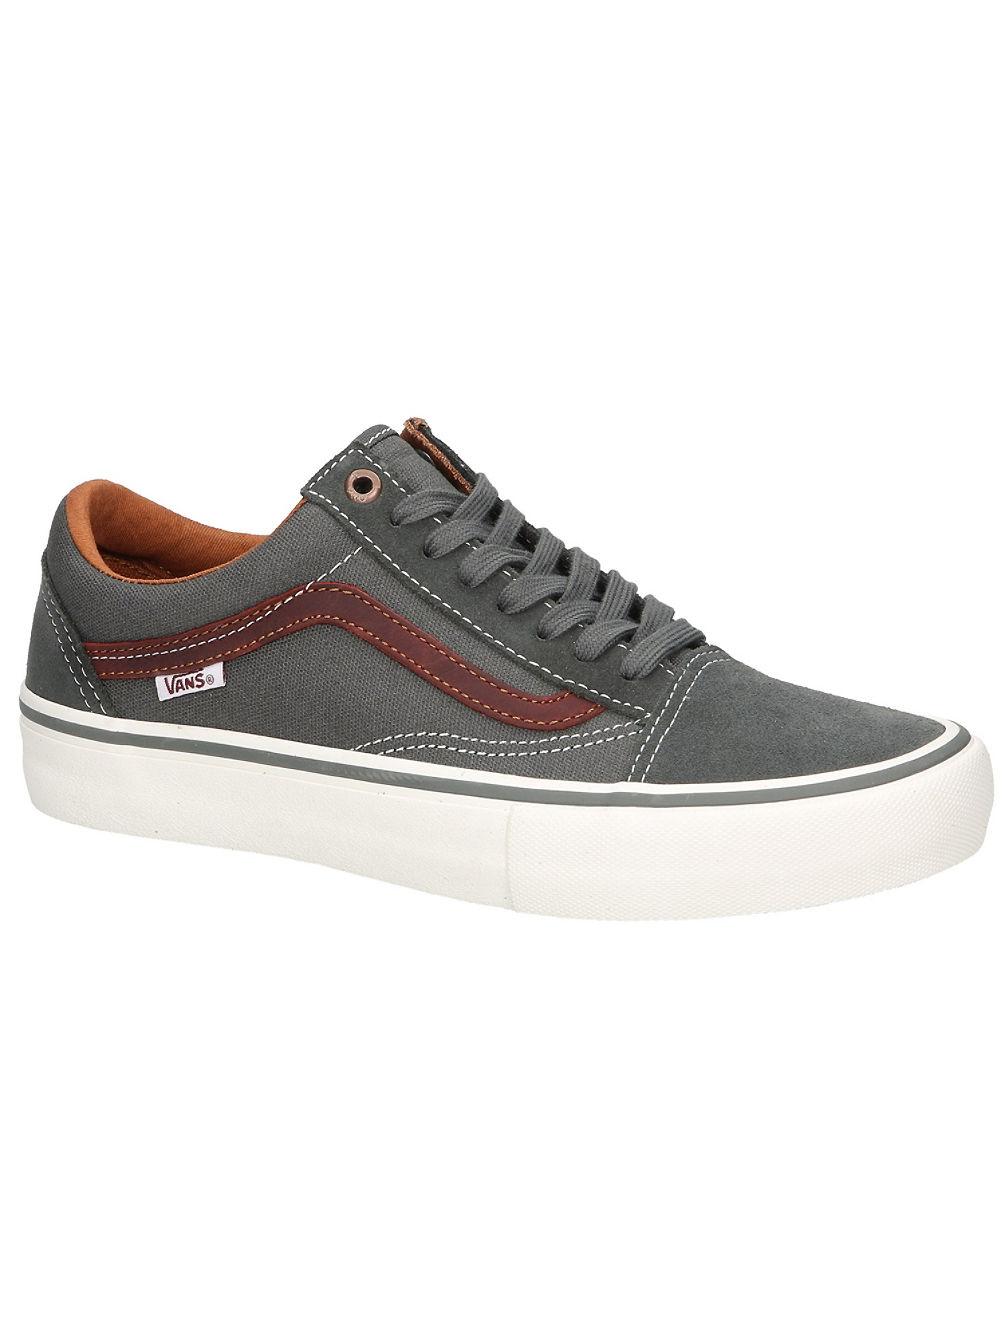 13dfa6ca1952 Buy Vans Old Skool Pro Skate Shoes online at blue-tomato.com